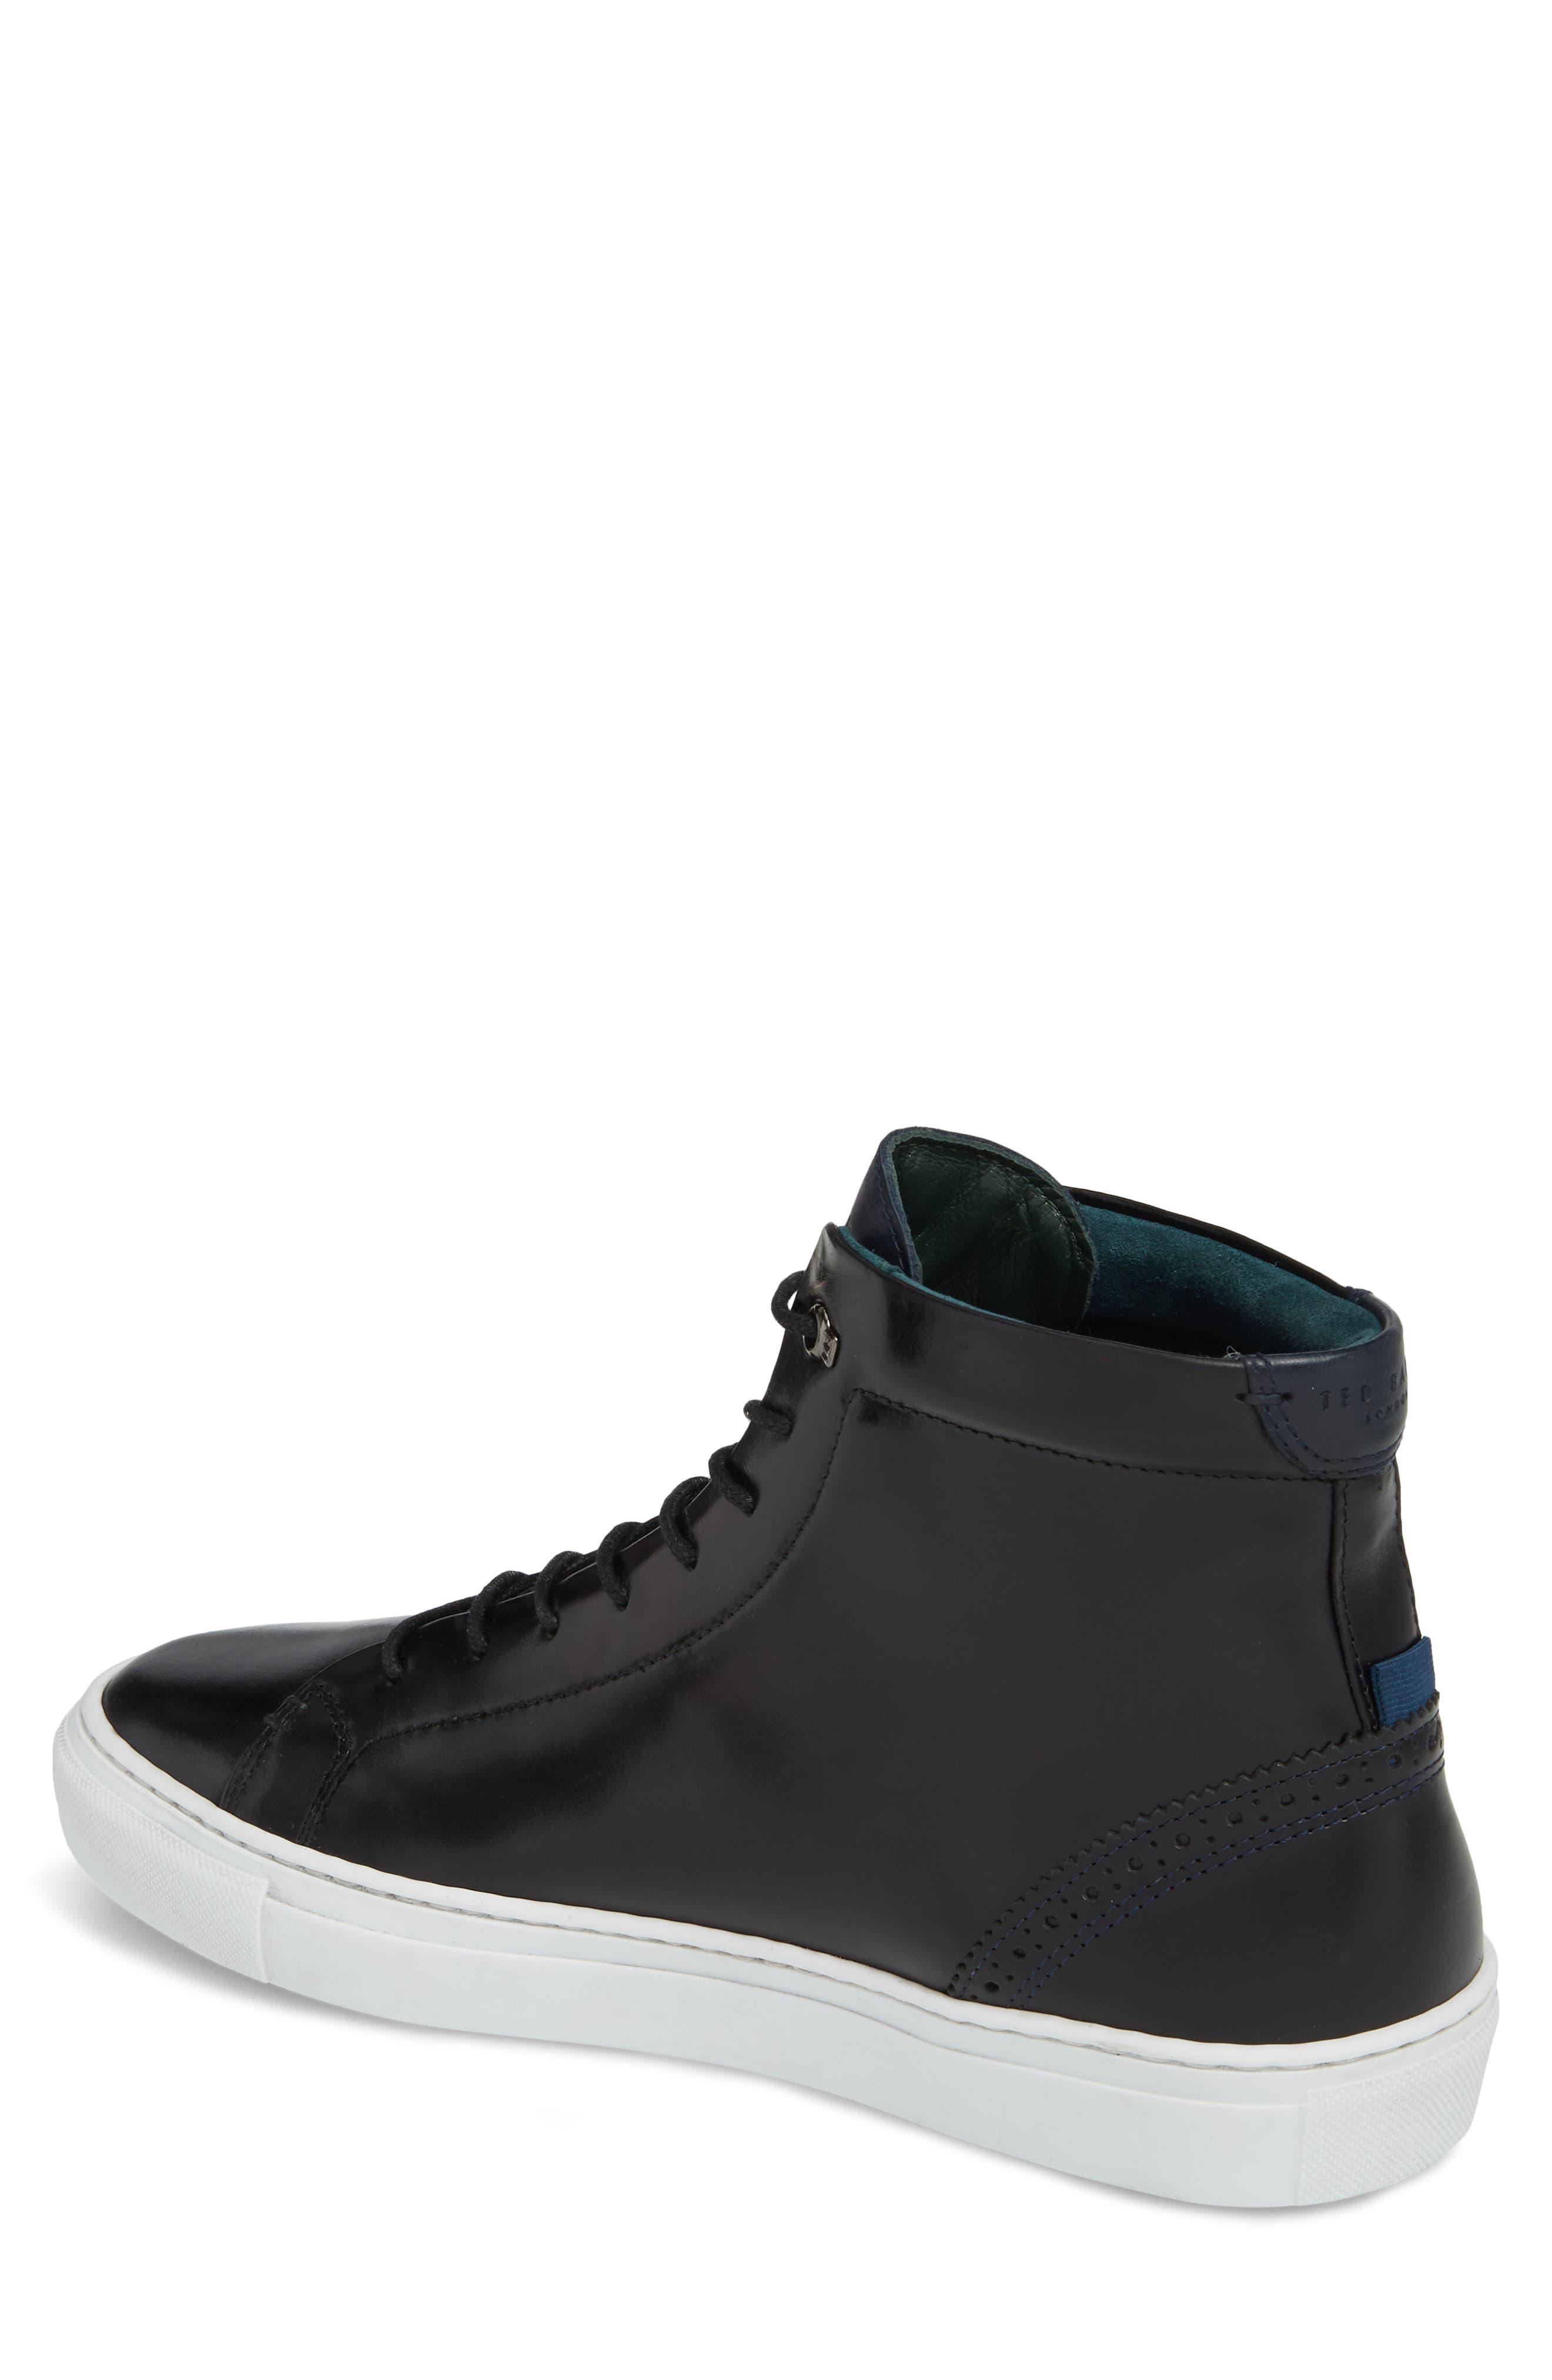 Monerkk High Top Sneaker,                             Alternate thumbnail 2, color,                             001